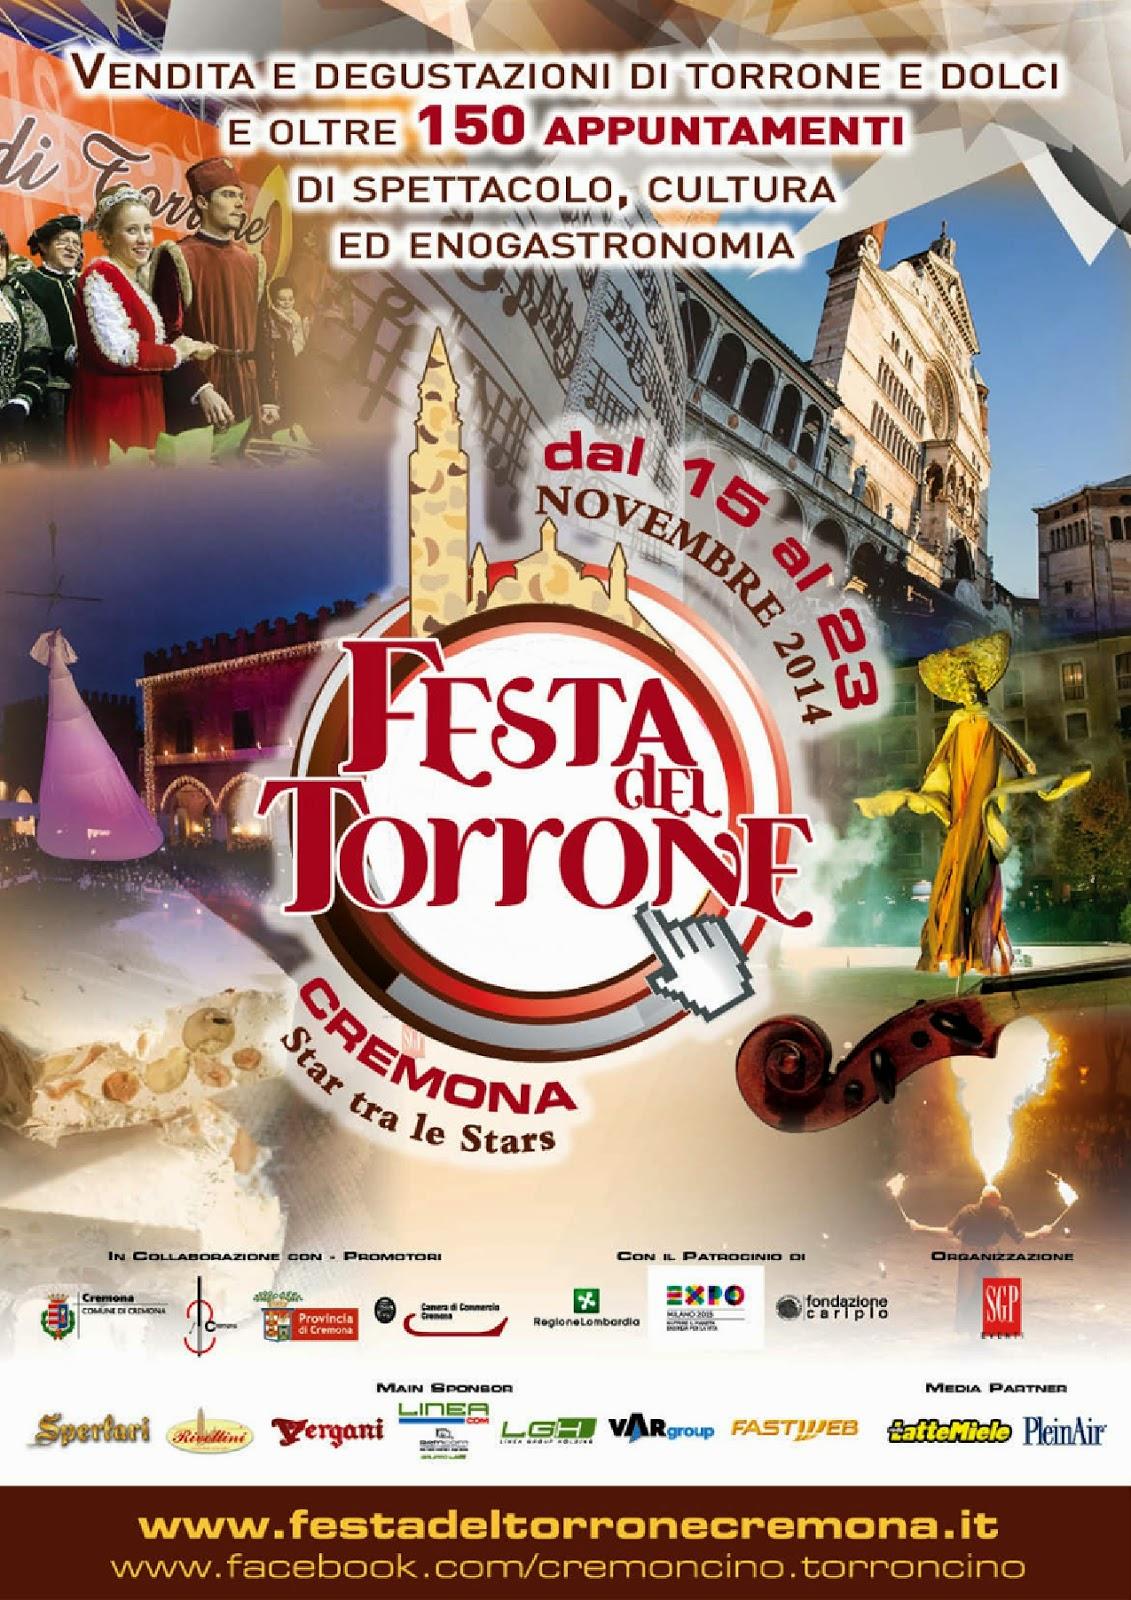 Festa del Torrone dal 15 al 23 Novembre Cremona 2014